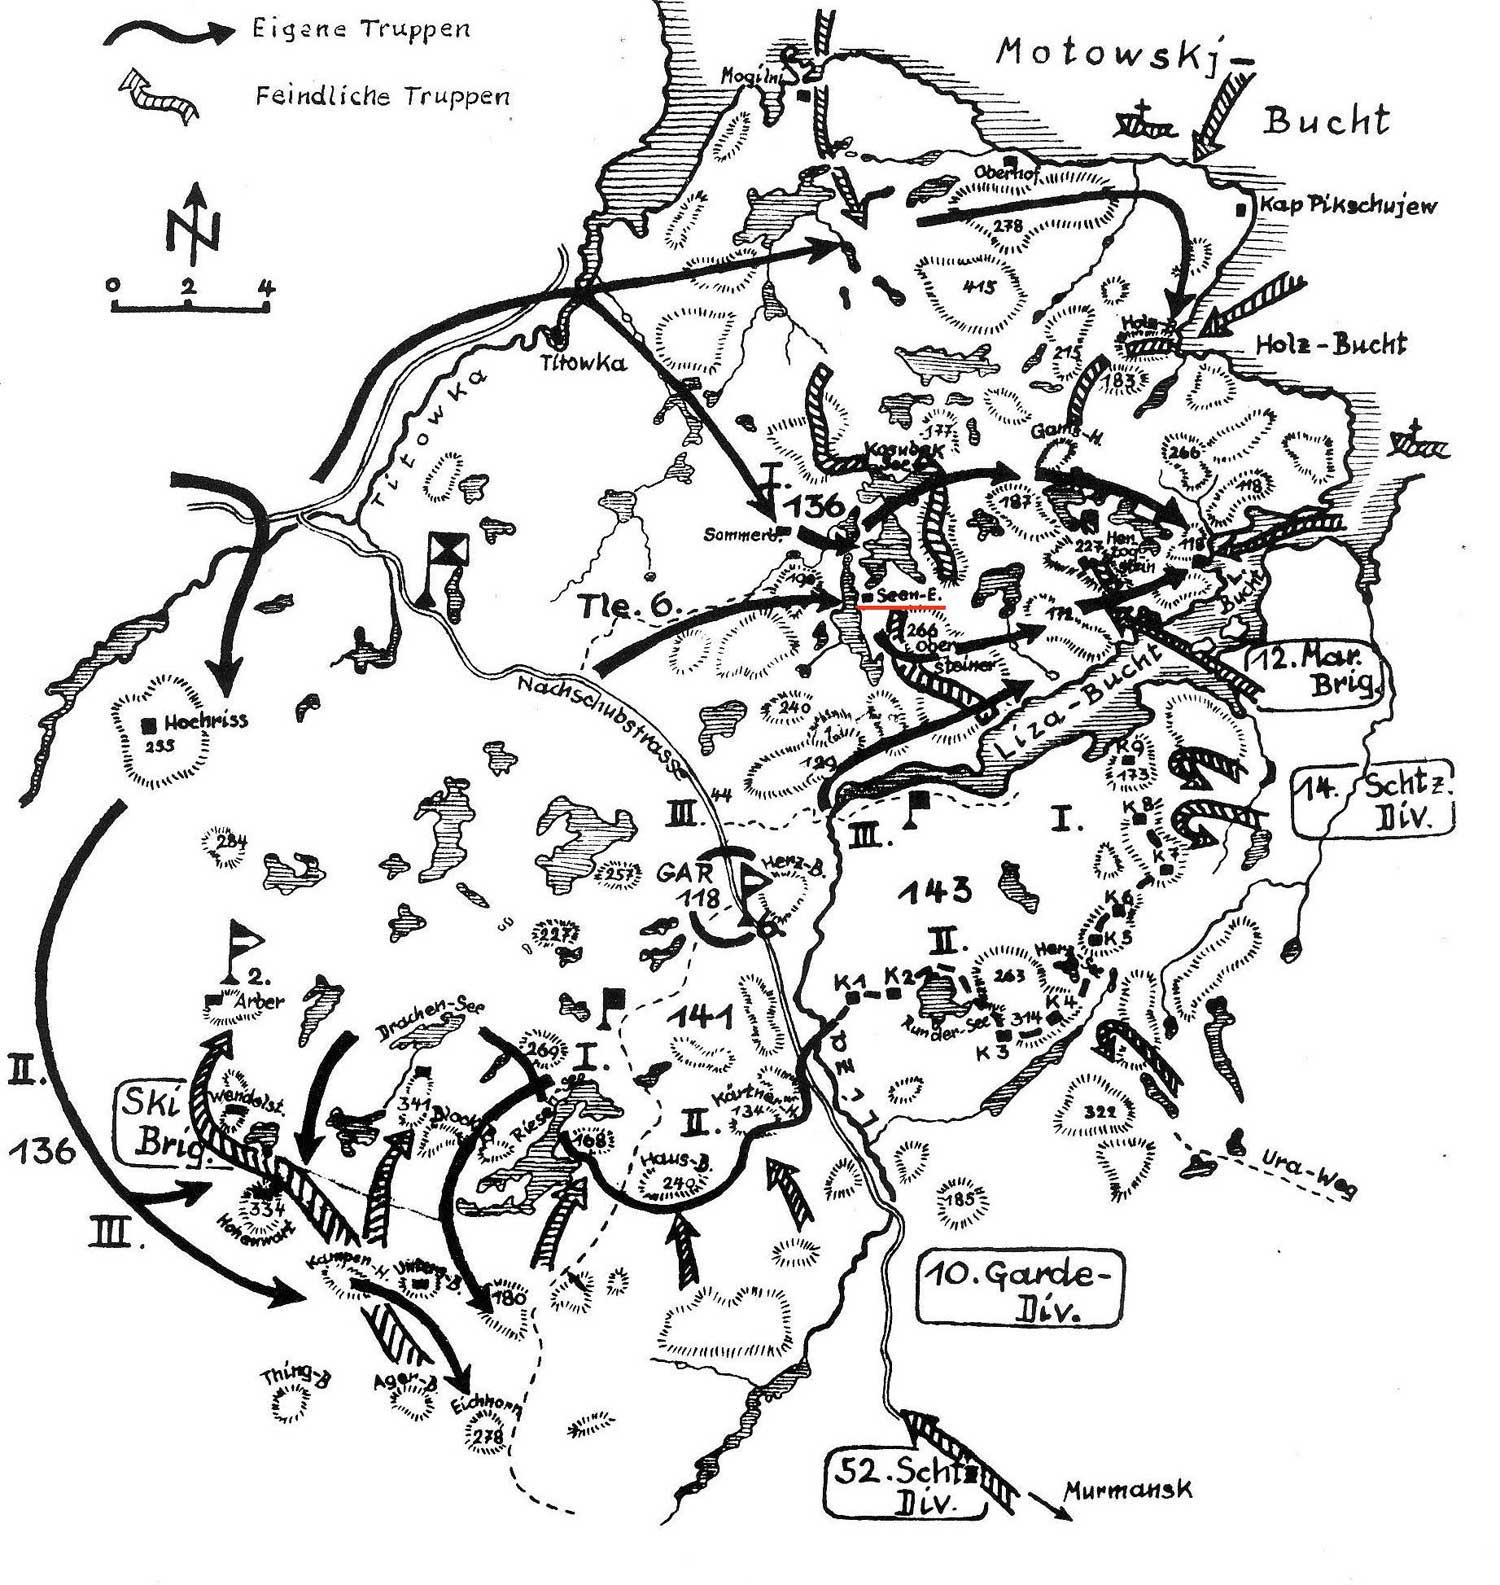 Der Kampfraum südlich des Flaschenhales zur Fischer-Halbinsel.